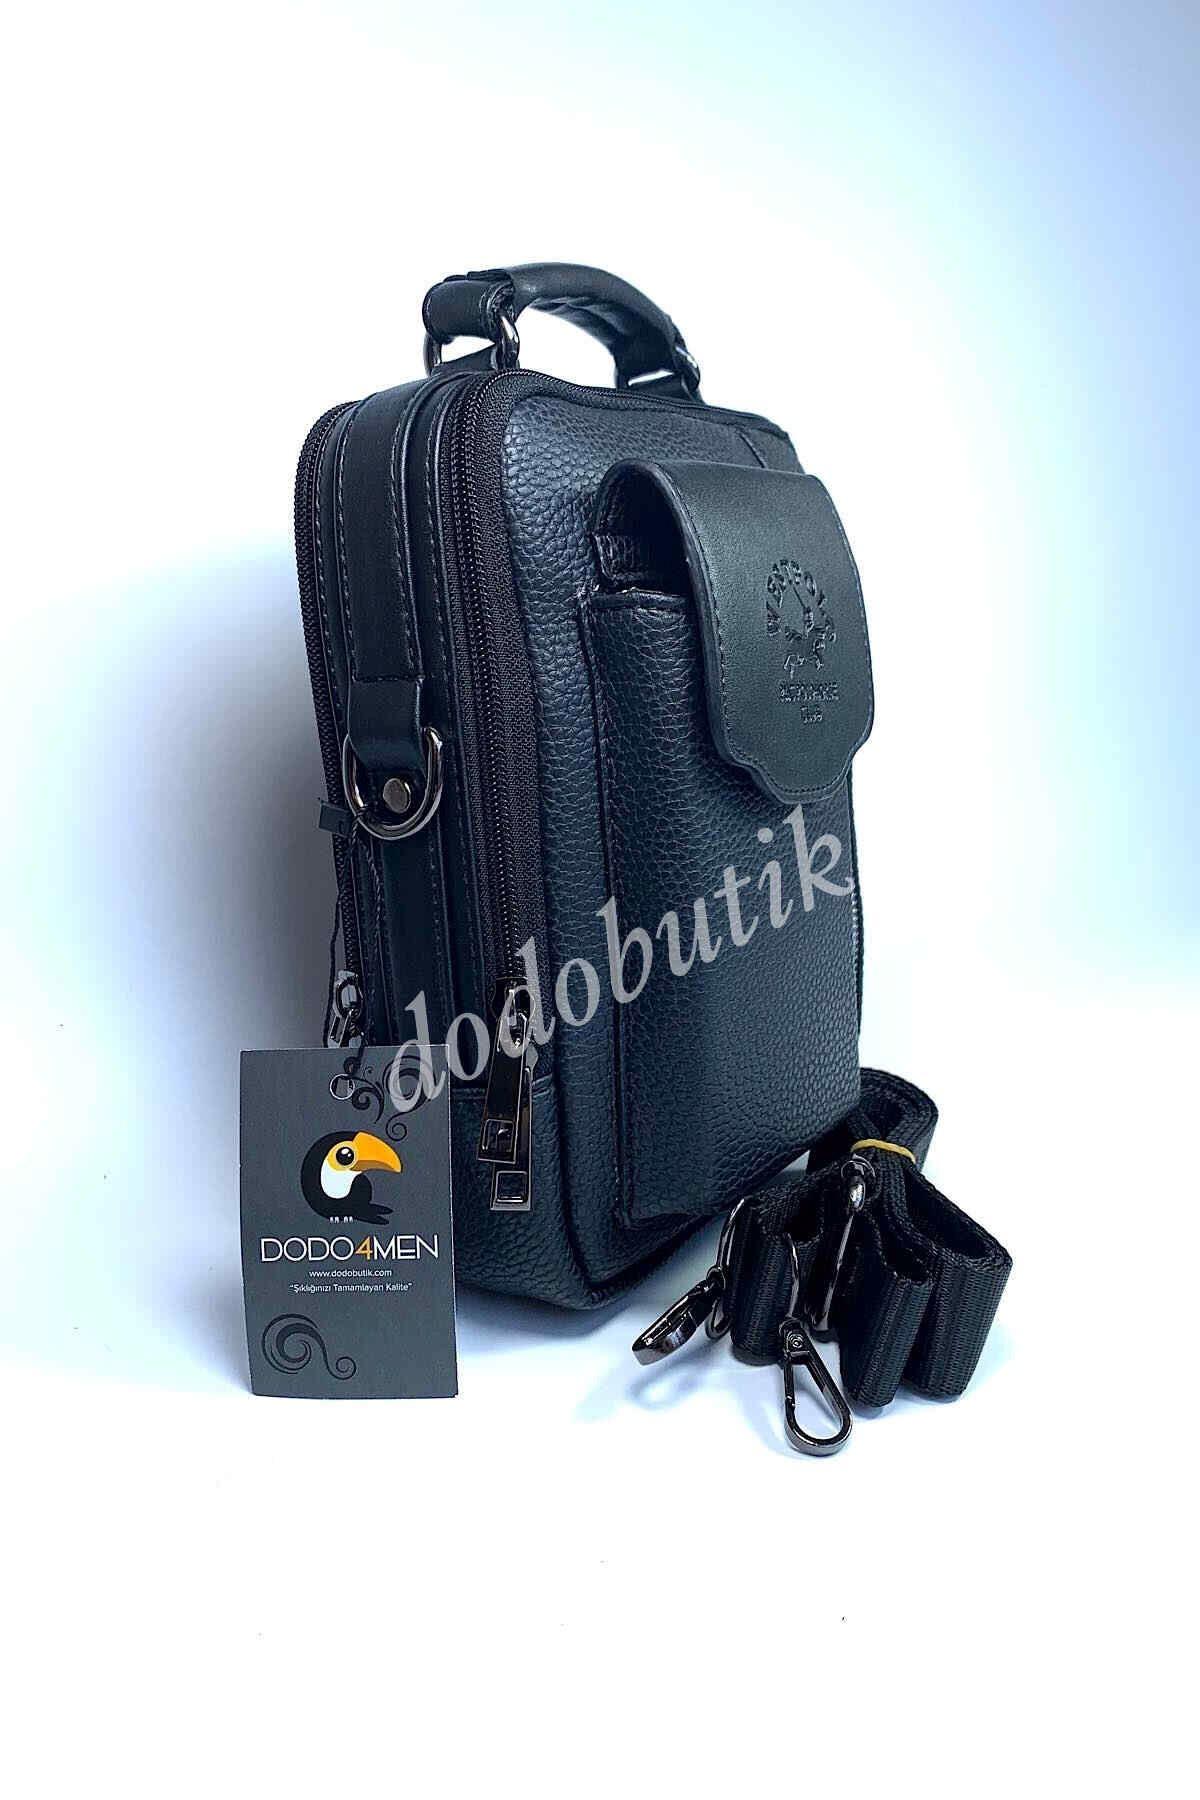 Siyah Telefon Gözlü Çelik Kasa Postacı Çantası 6006